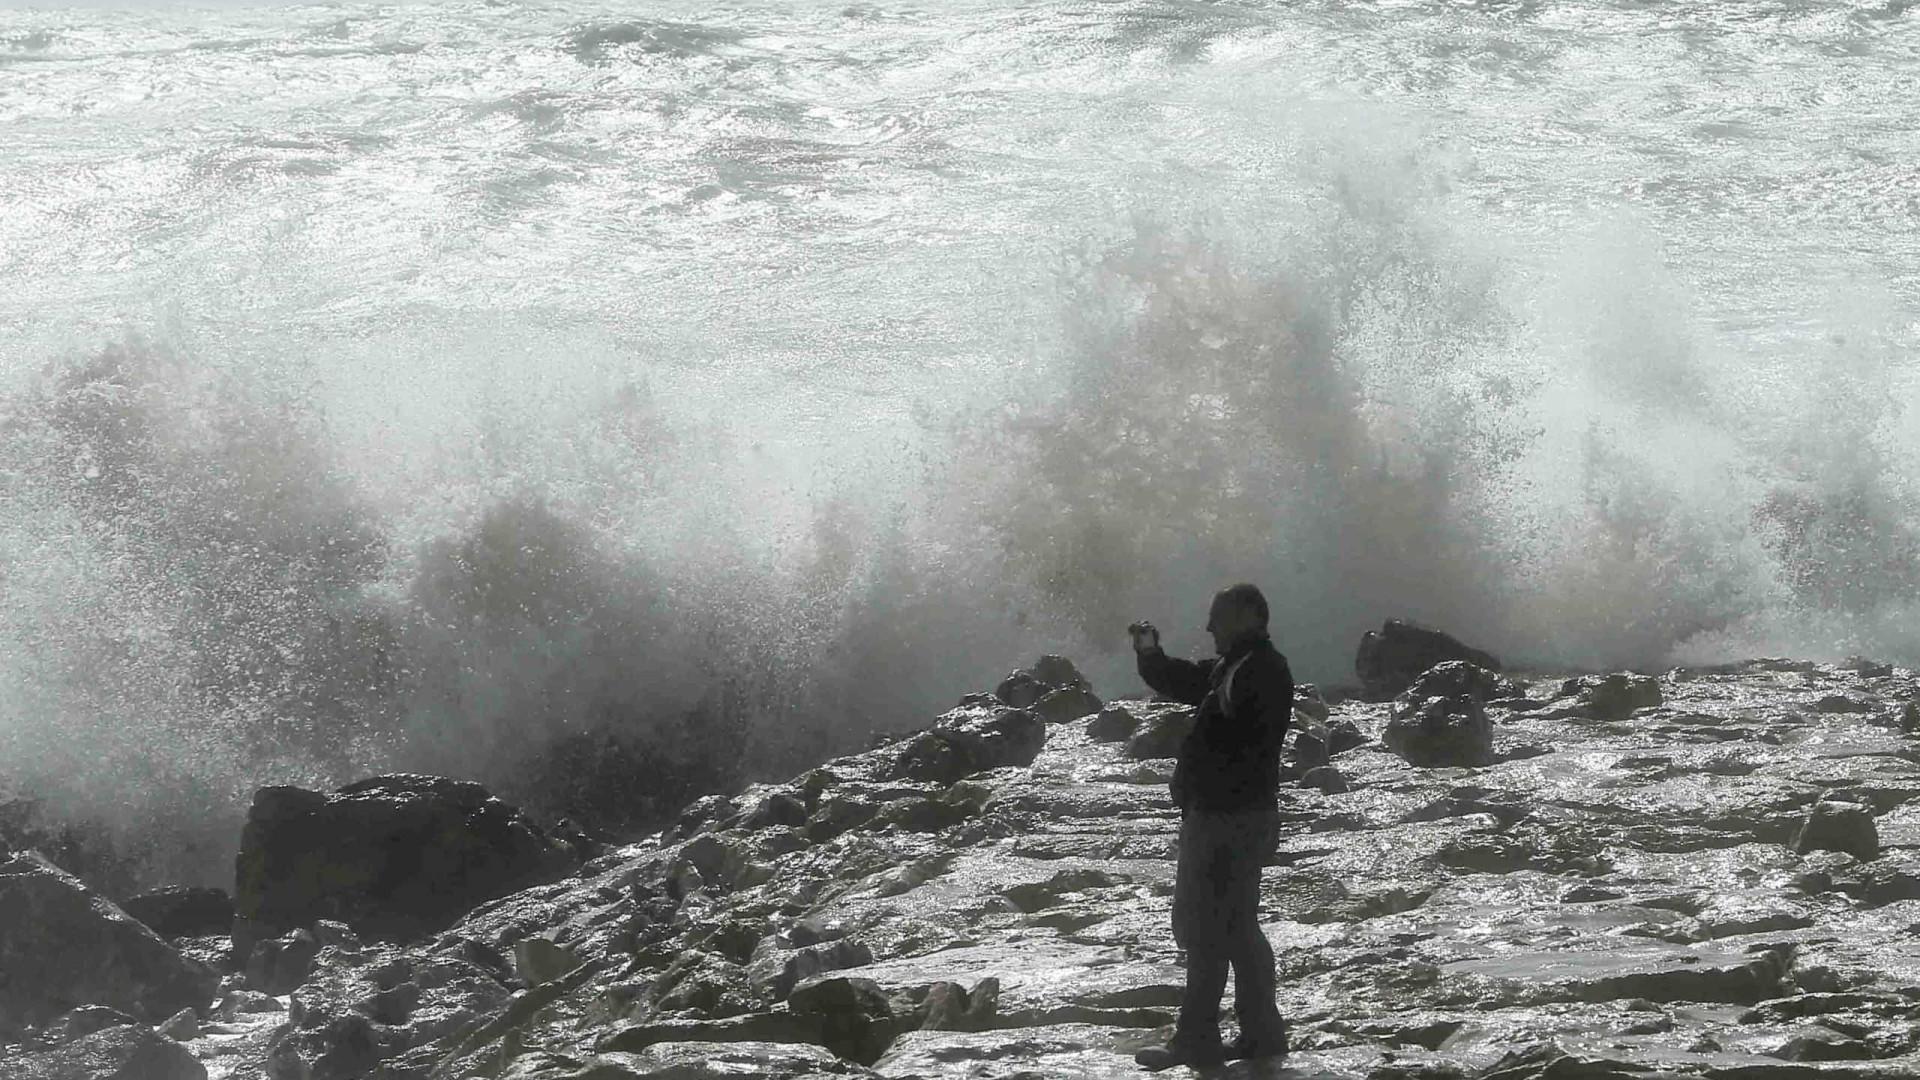 Marinha alerta população para para ondulação entre 8 a 12 metros